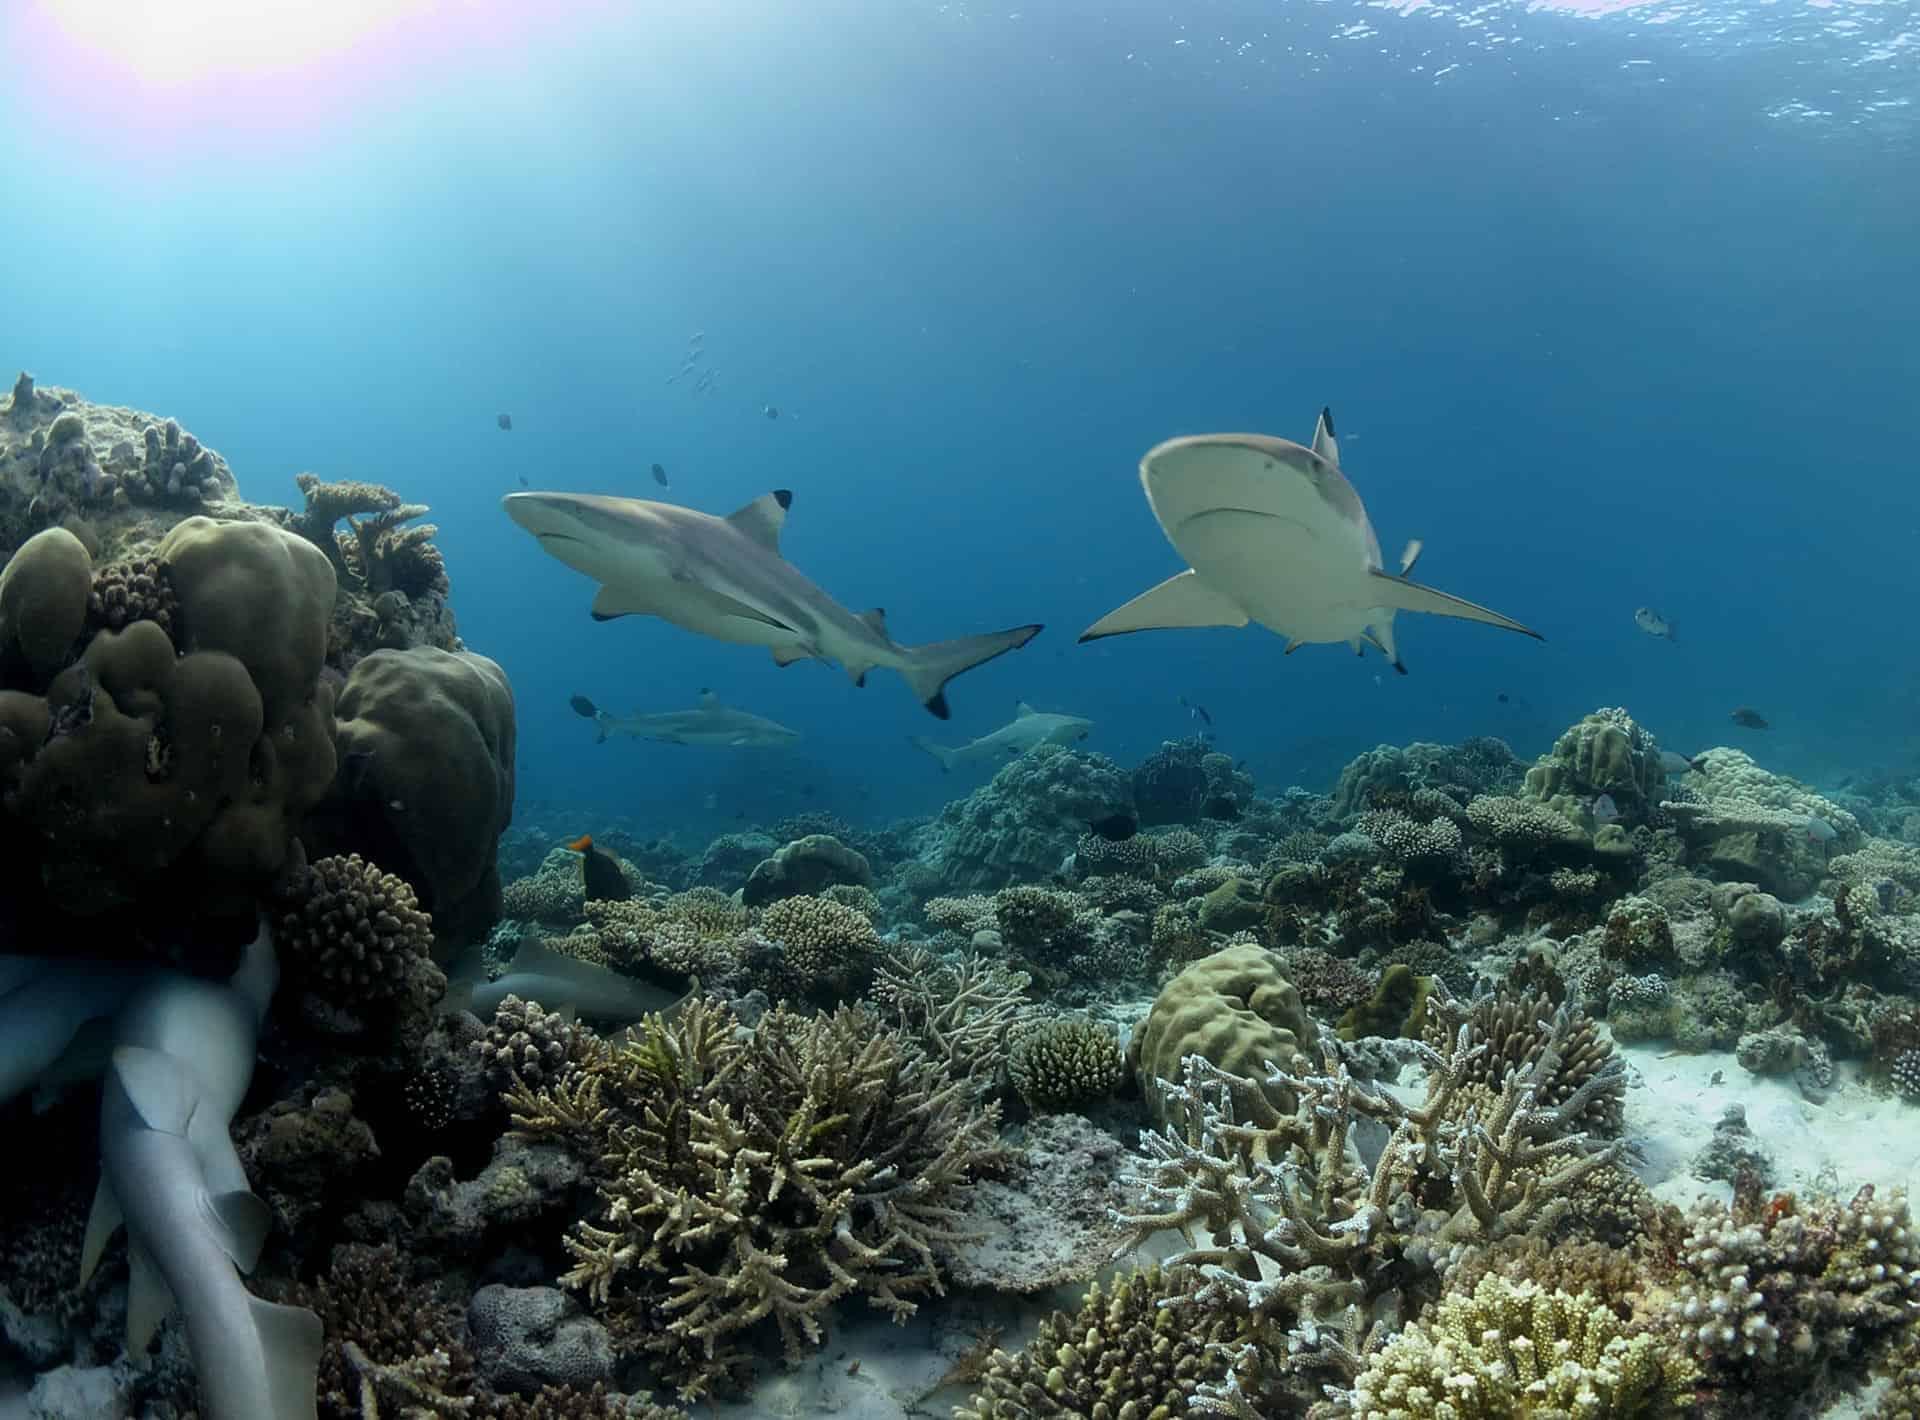 السباحة مع أسماك القرش